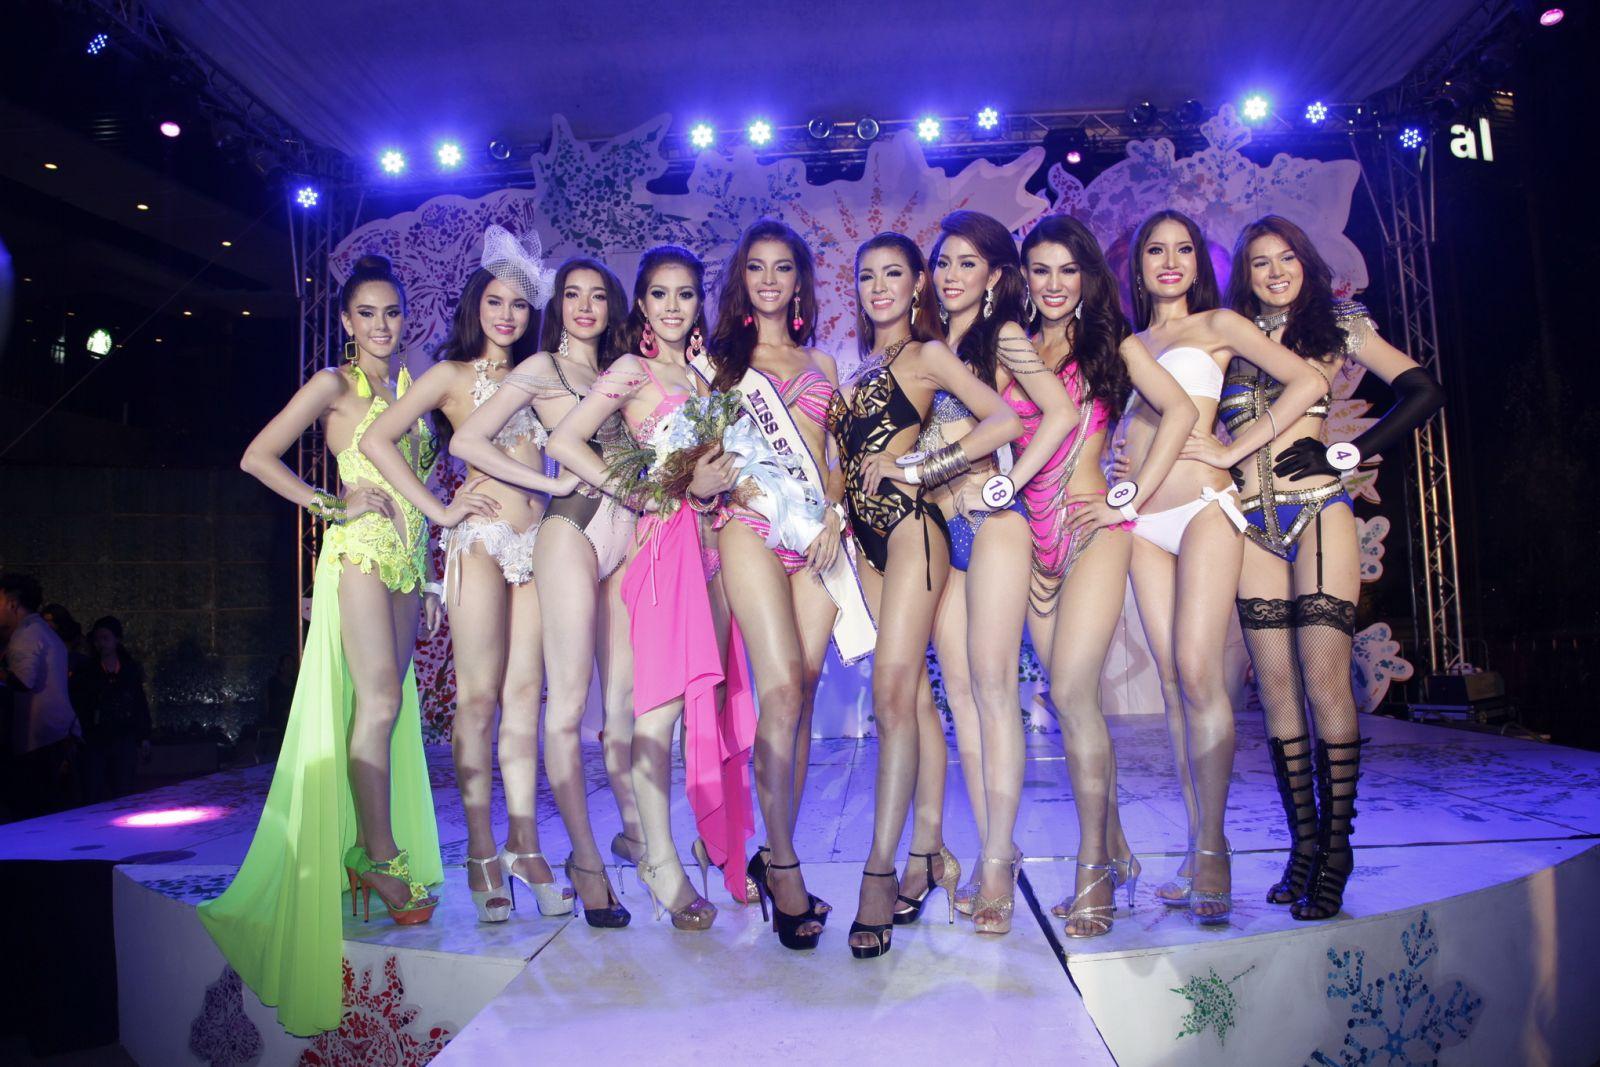 Kamu perlu tahu, ini 18 gender yang diakui di Thailand